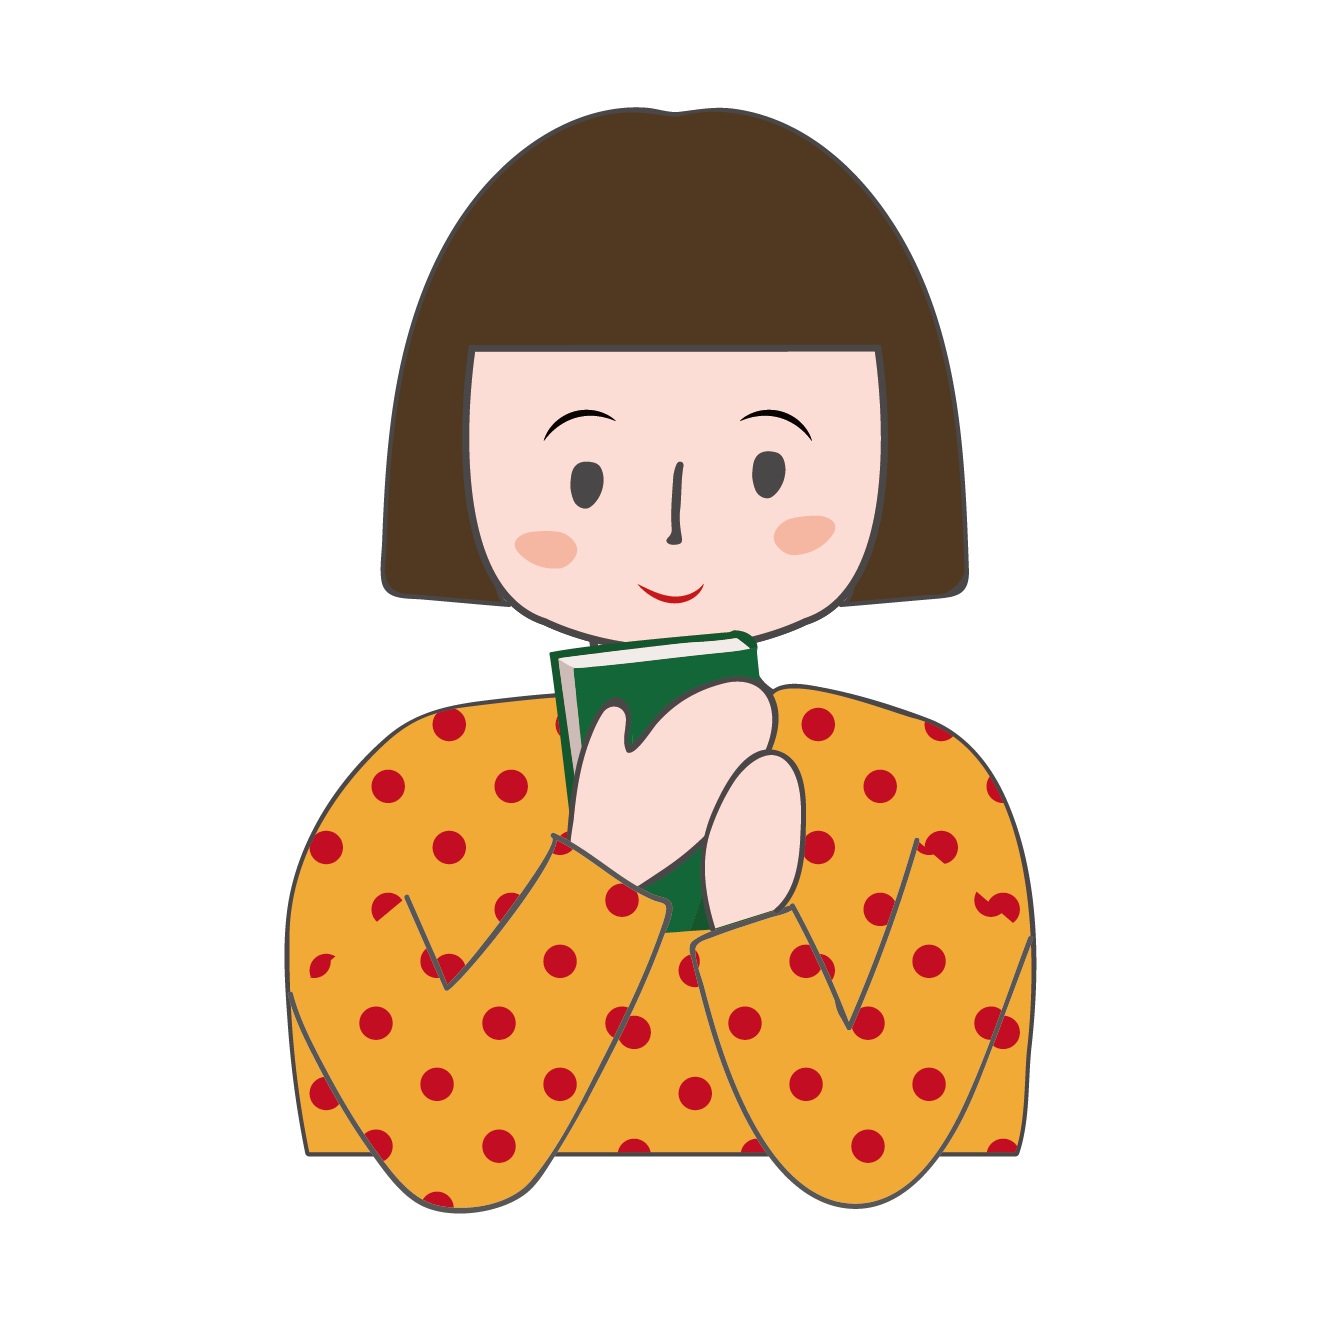 本を読もうとしている女の子のイラスト | 商用フリー(無料)のイラスト